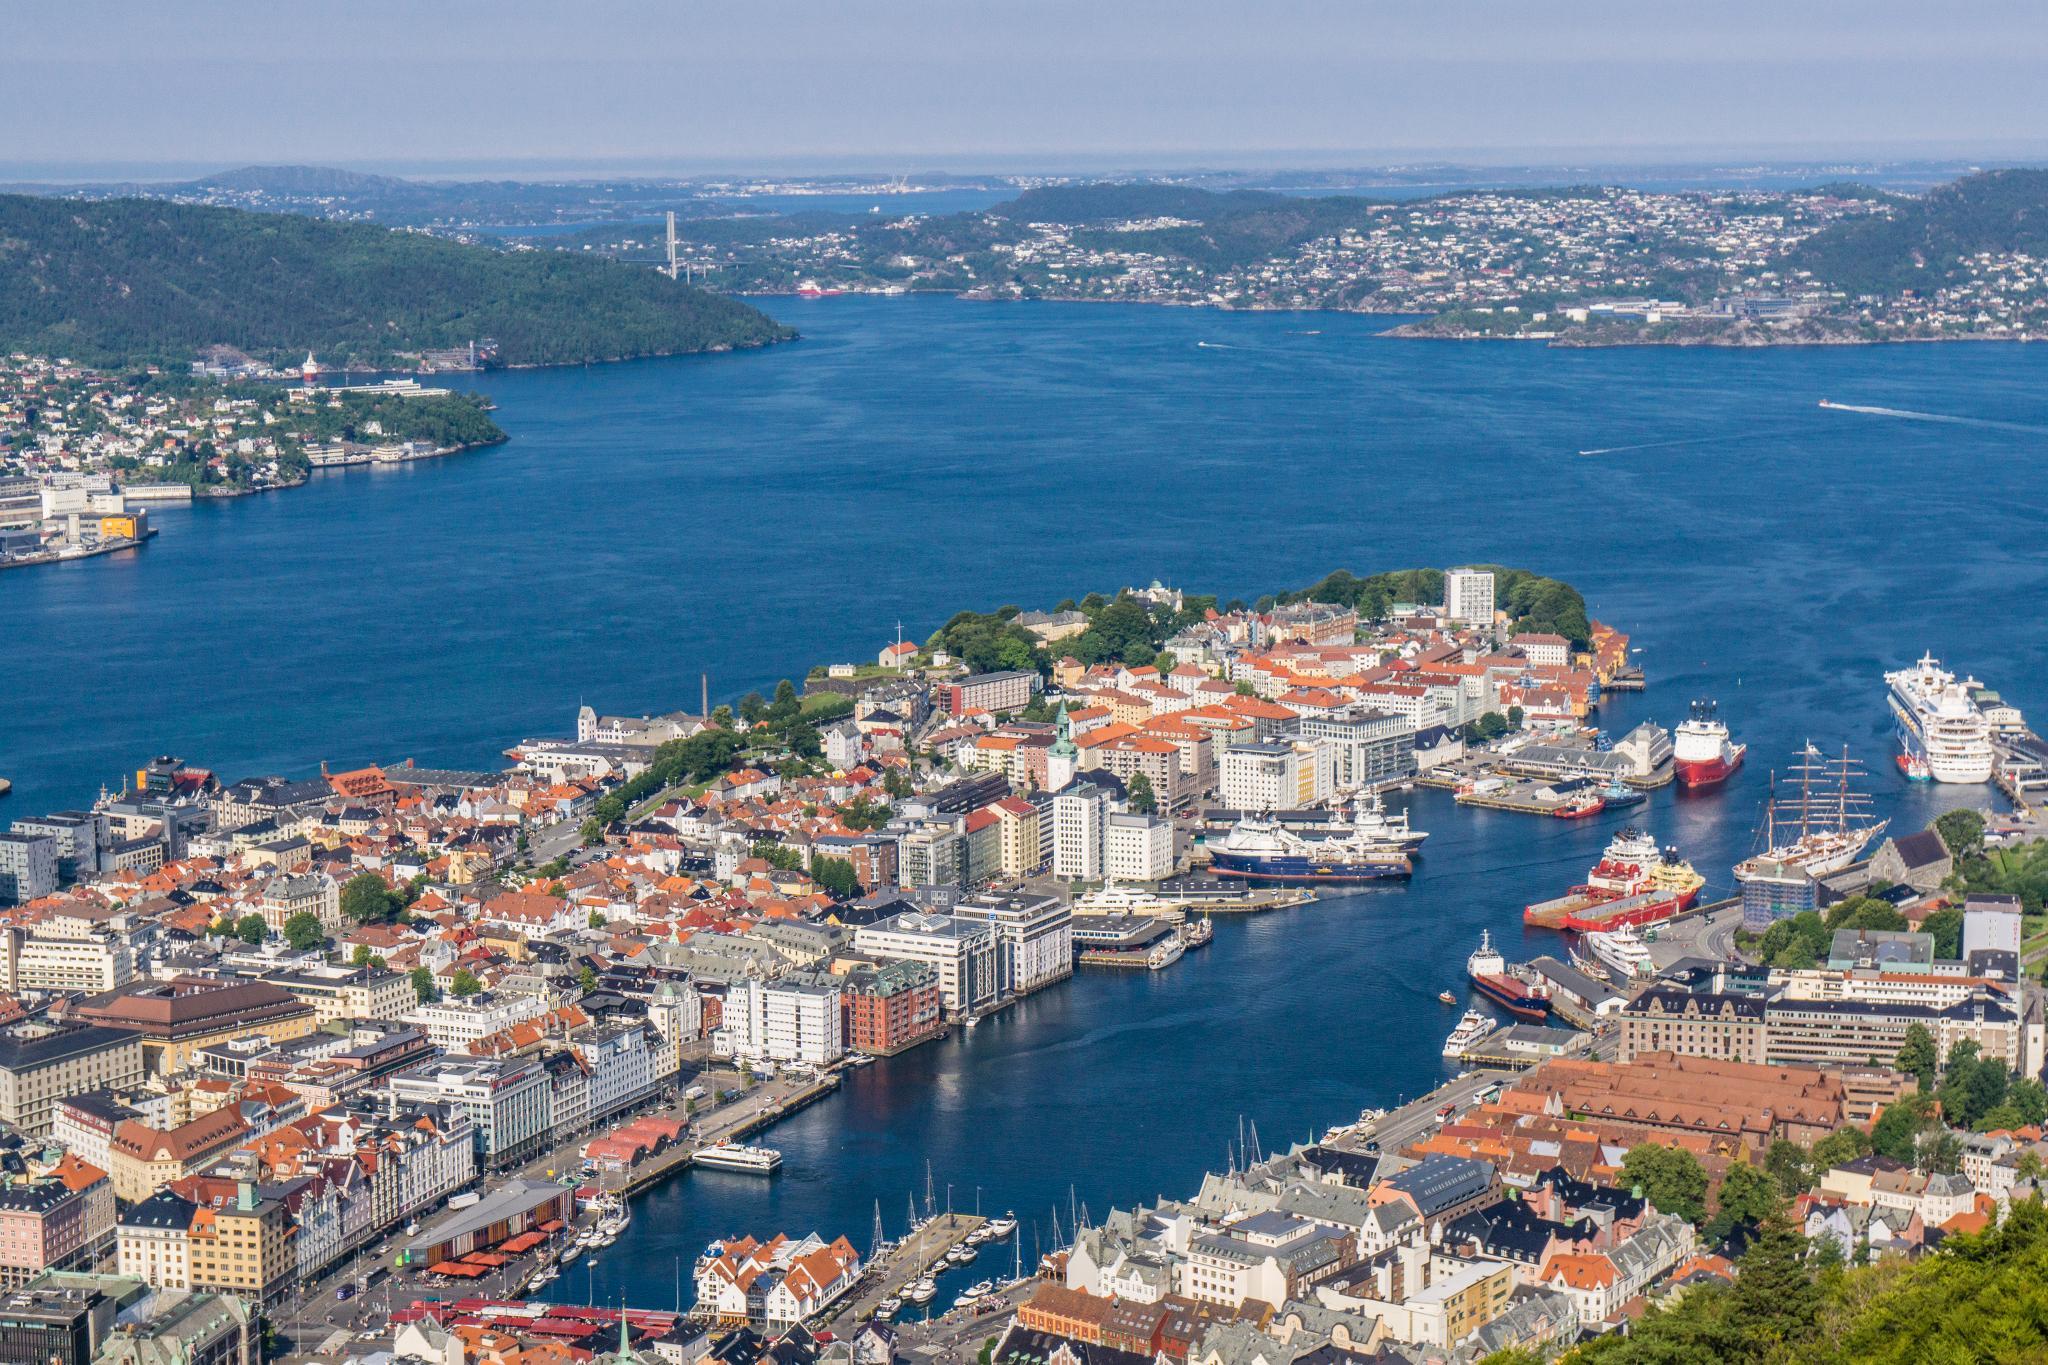 【卑爾根】超級震撼的隱藏版挪威景點 — Stoltzekleiven桑德維克斯石梯與Fløyen佛洛伊恩觀景台大縱走 28